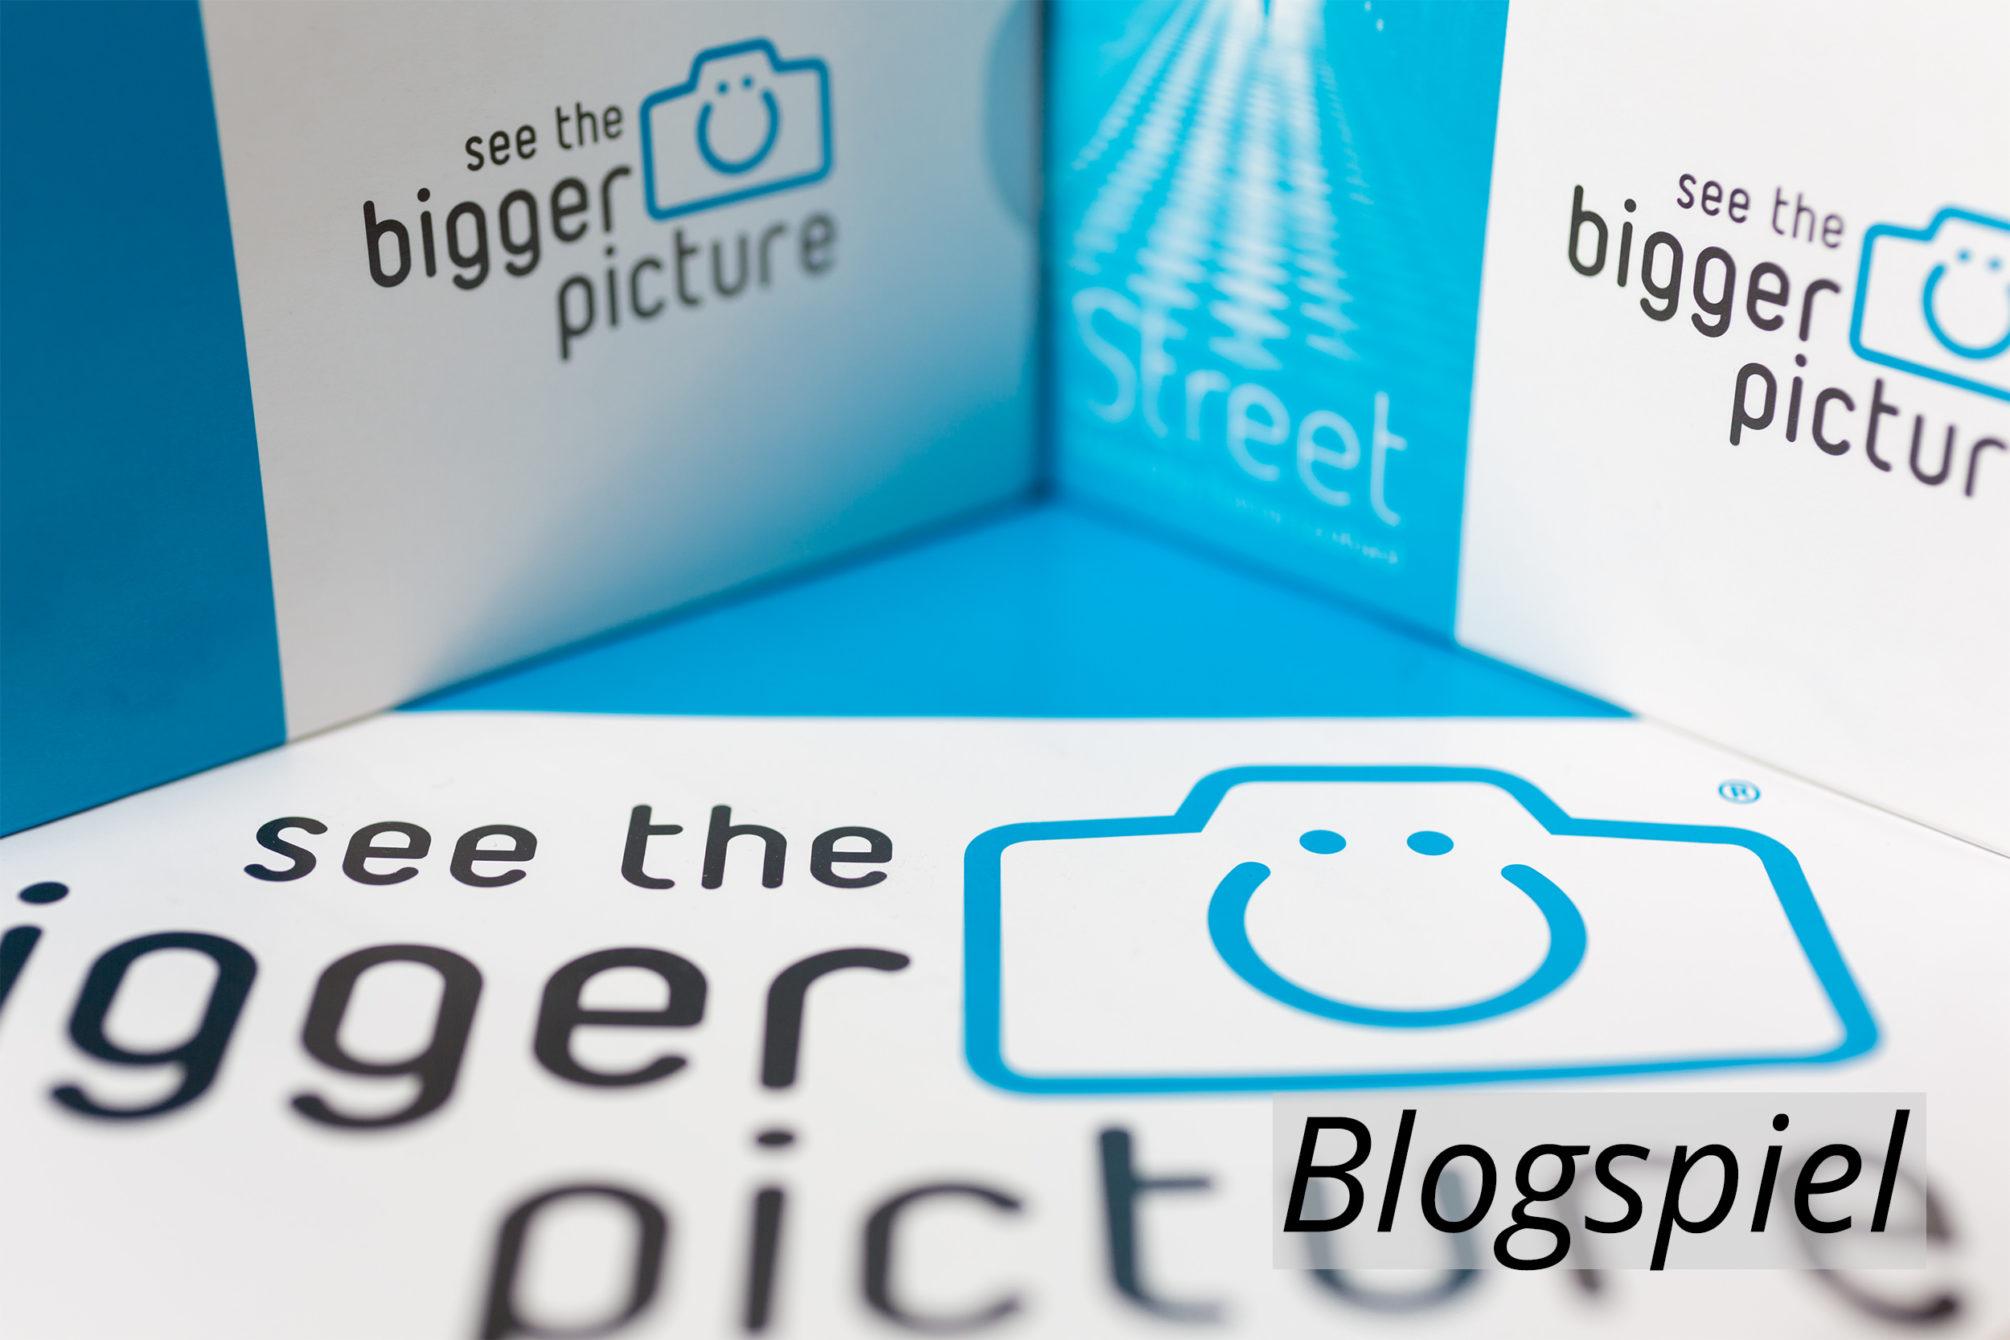 Blogspiel Headerbild mit Text in Farbe.